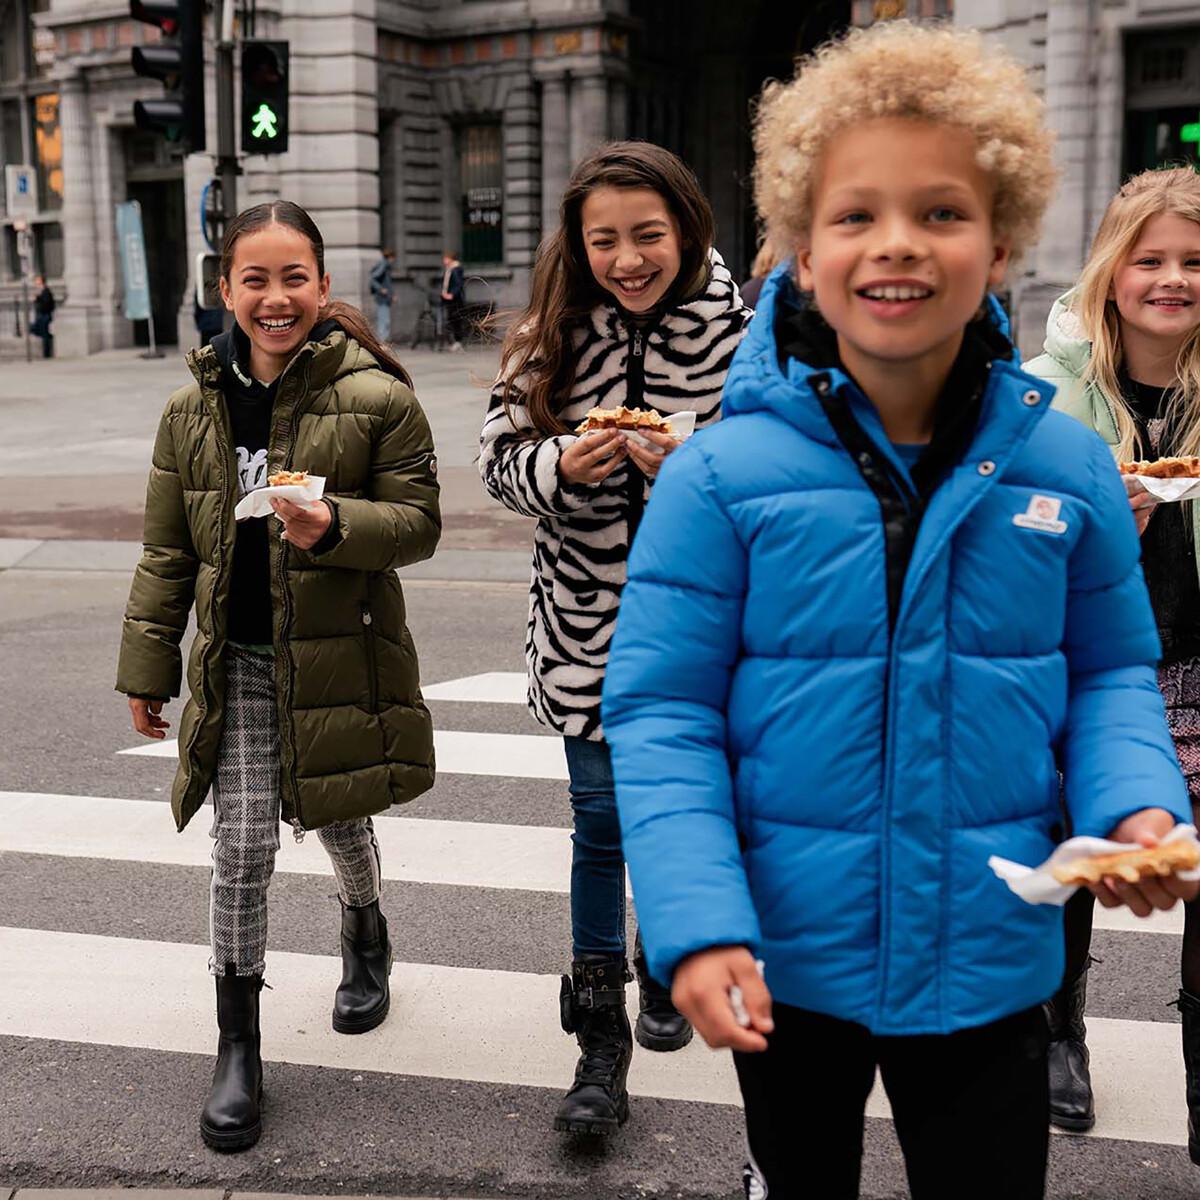 Kuschelige Herbst-Outfits für große und kleine Kids.